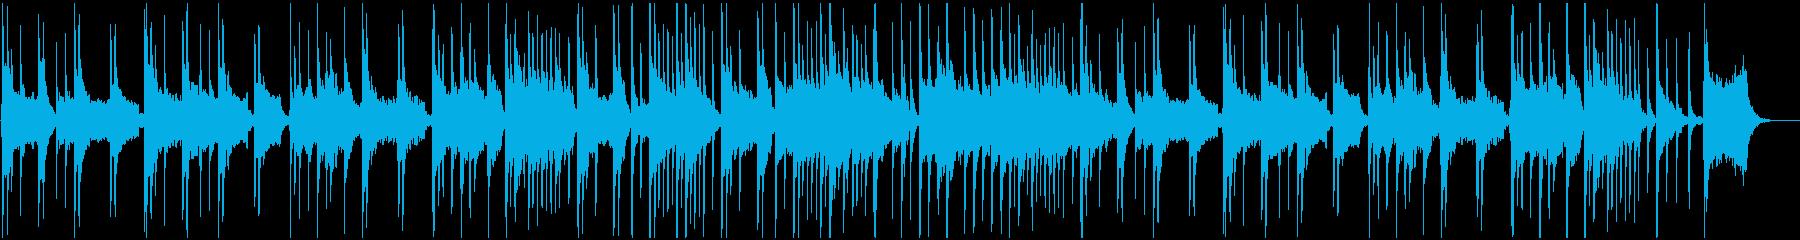 尺八と琴が奏でる風情溢れるBGMの再生済みの波形